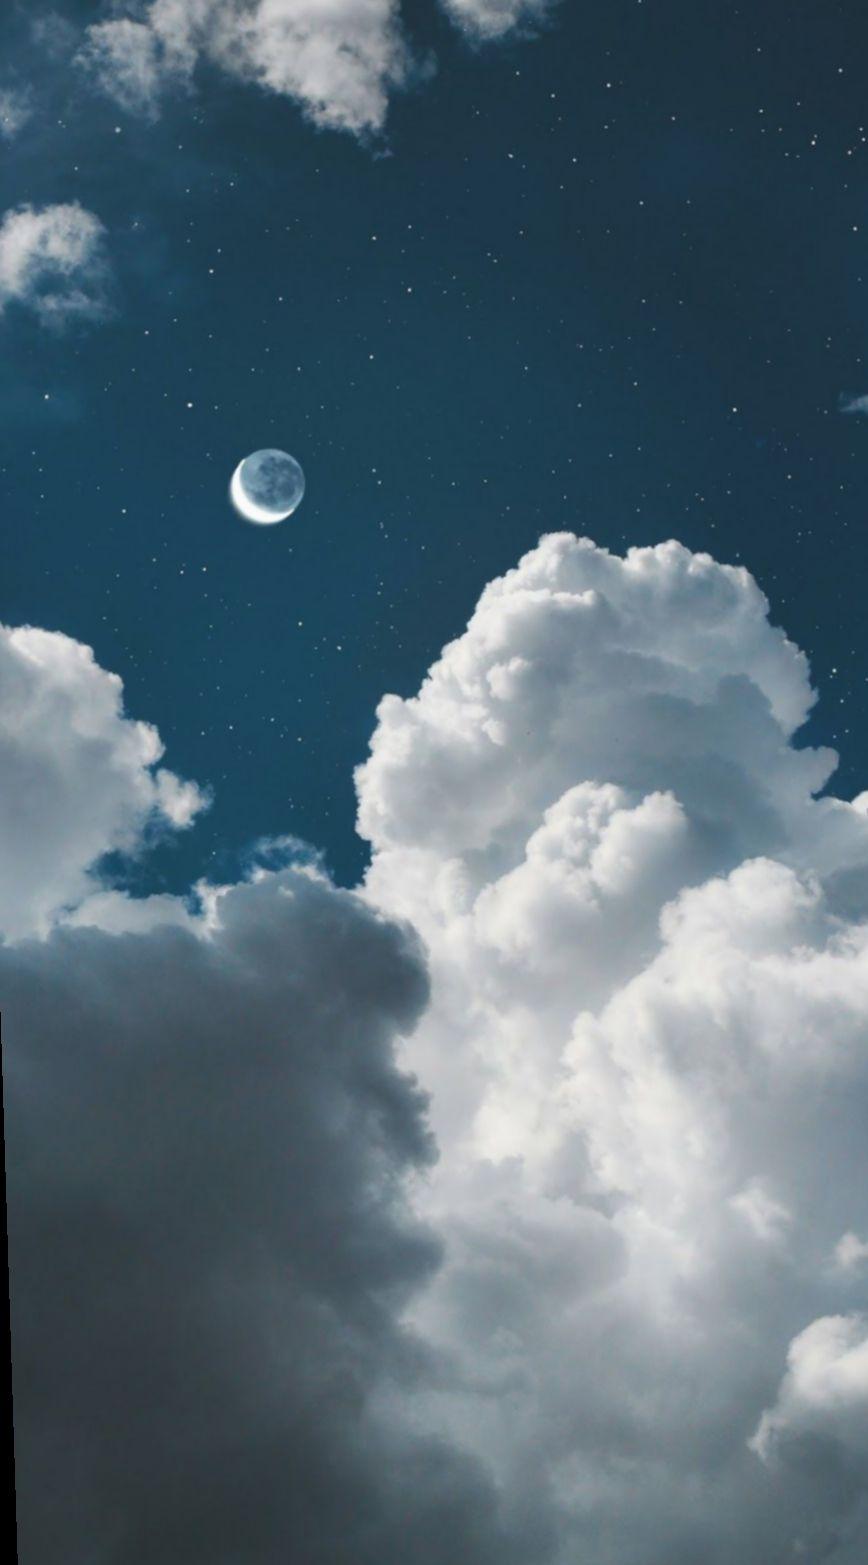 Wallpaper Blue Aesthetic Sky Animal Dark Iphone Sky Aesthetic Cloud Wallpaper Aesthetic Wallpapers